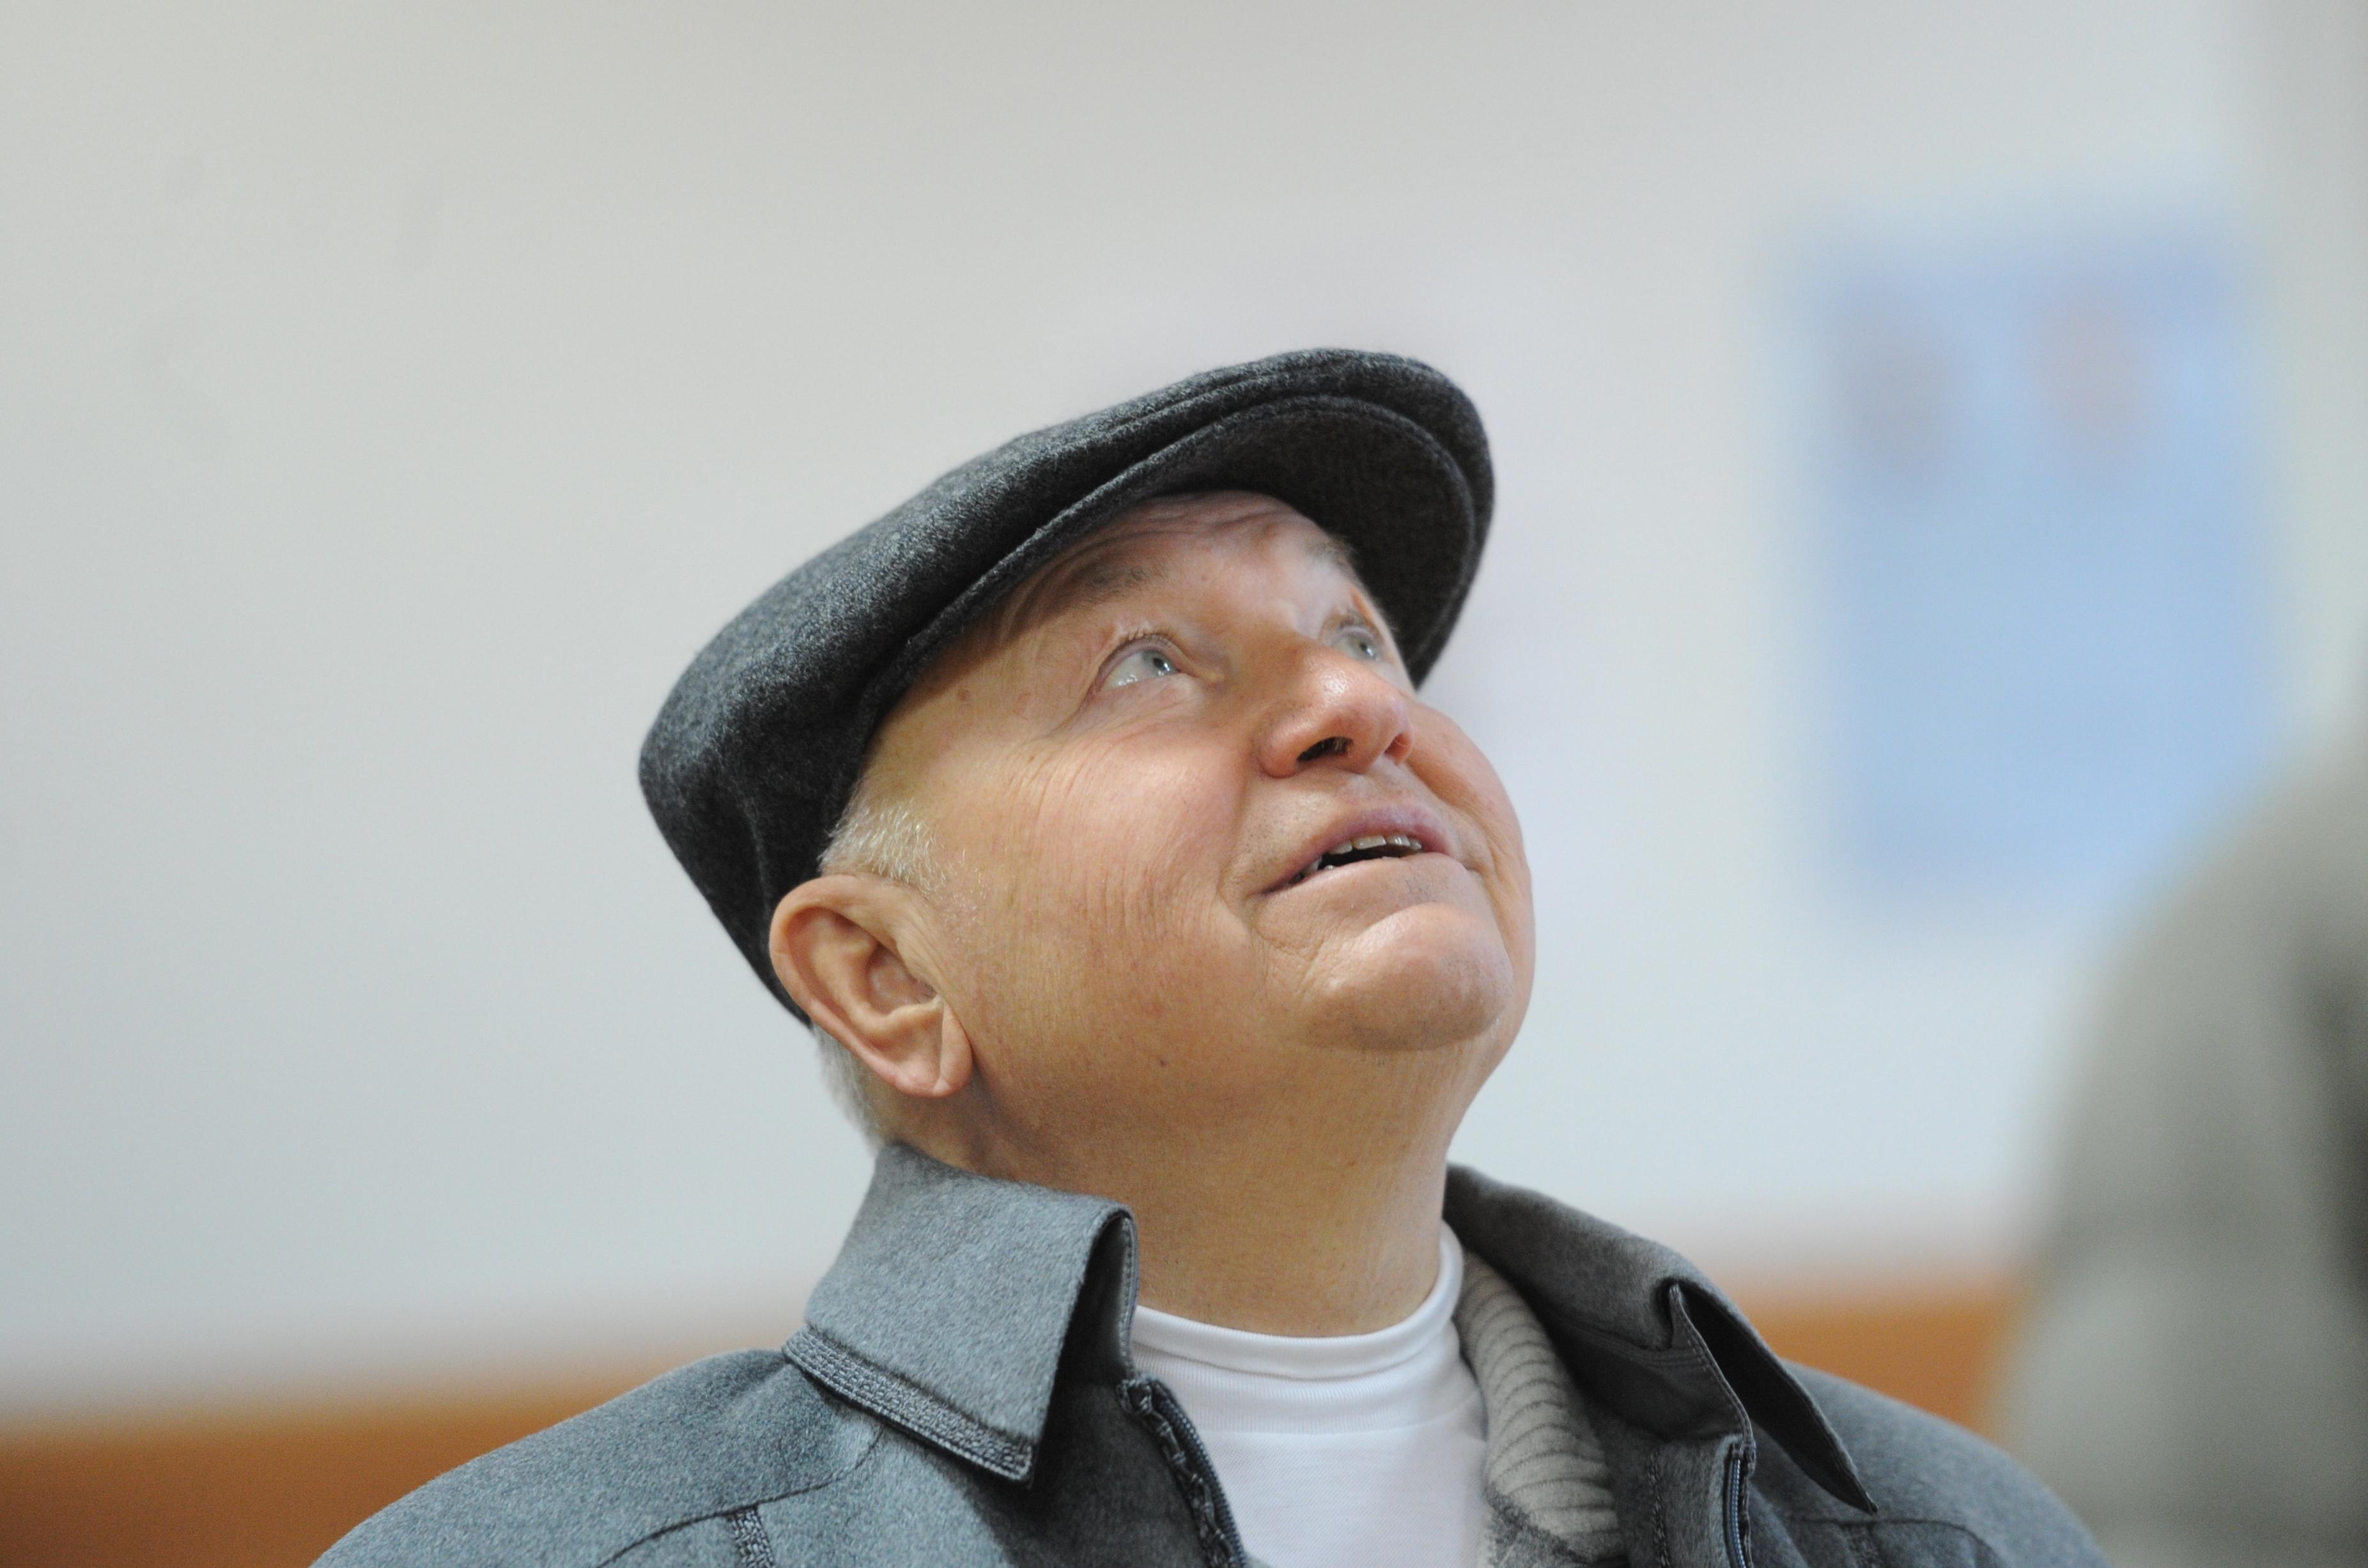 Самой запоминающейся деталью образа Лужкова была его кепка